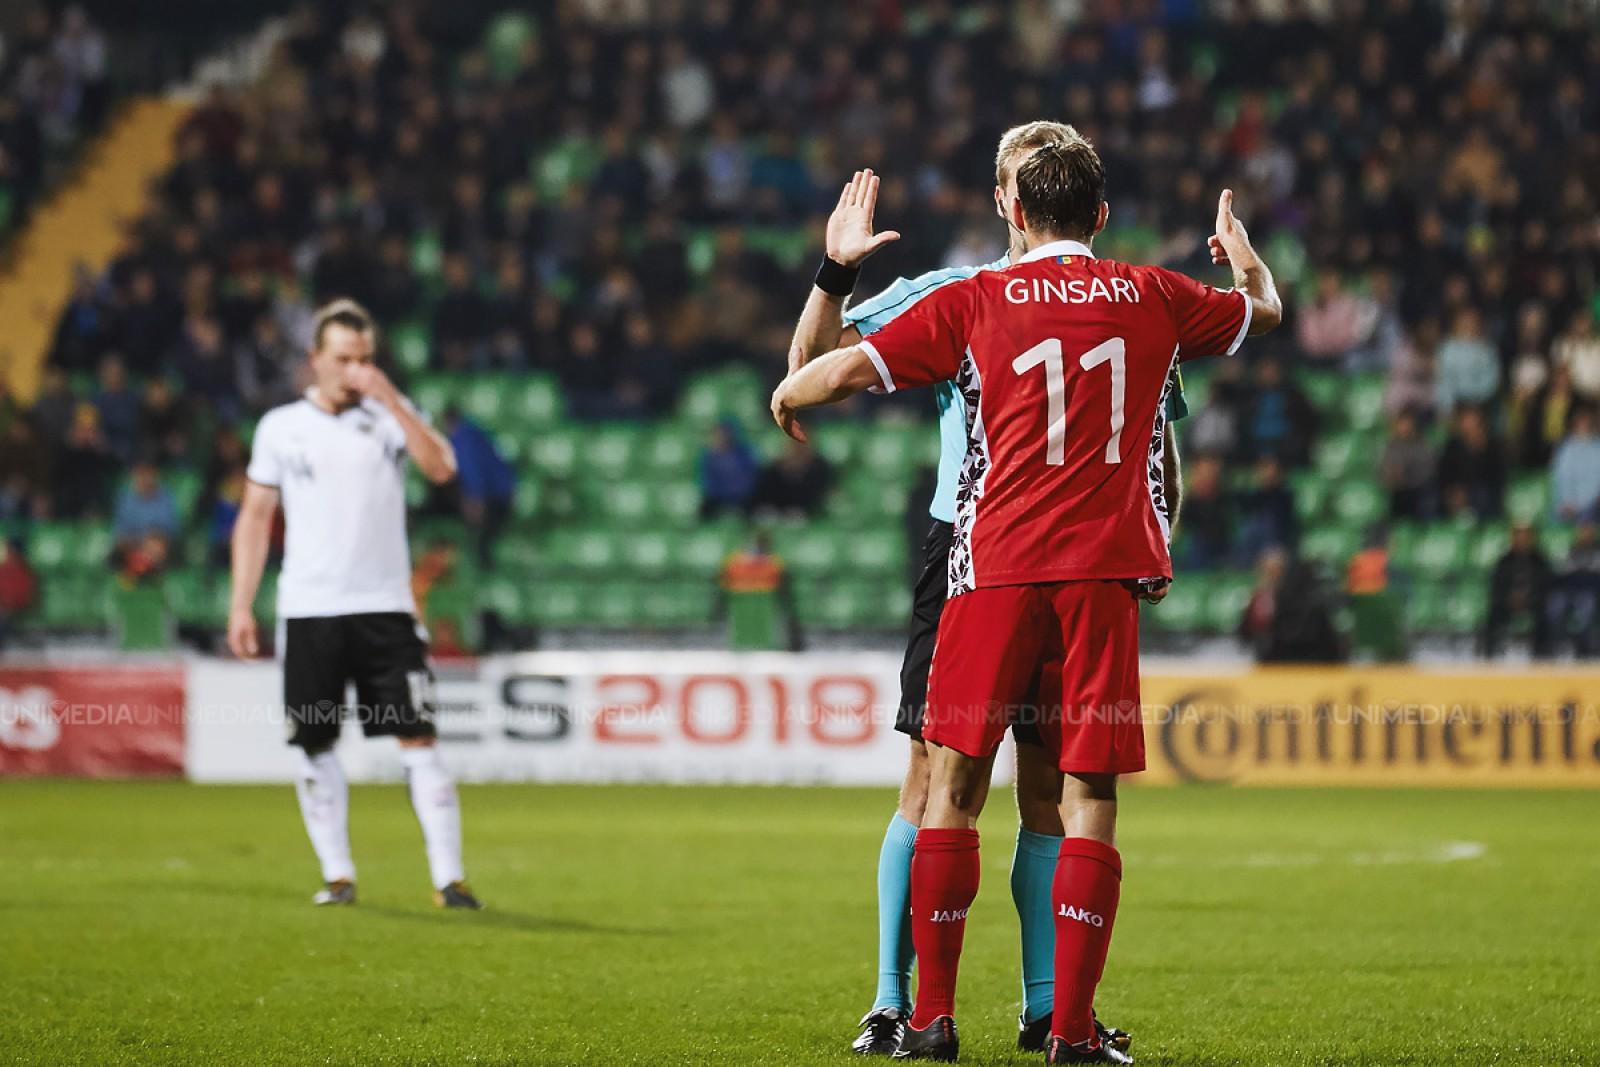 (video) Radu Gînsari a marcat golul victoriei pentru Hapoel în partida cu Maccabi. Echipa moldoveanului este liderul campionatului